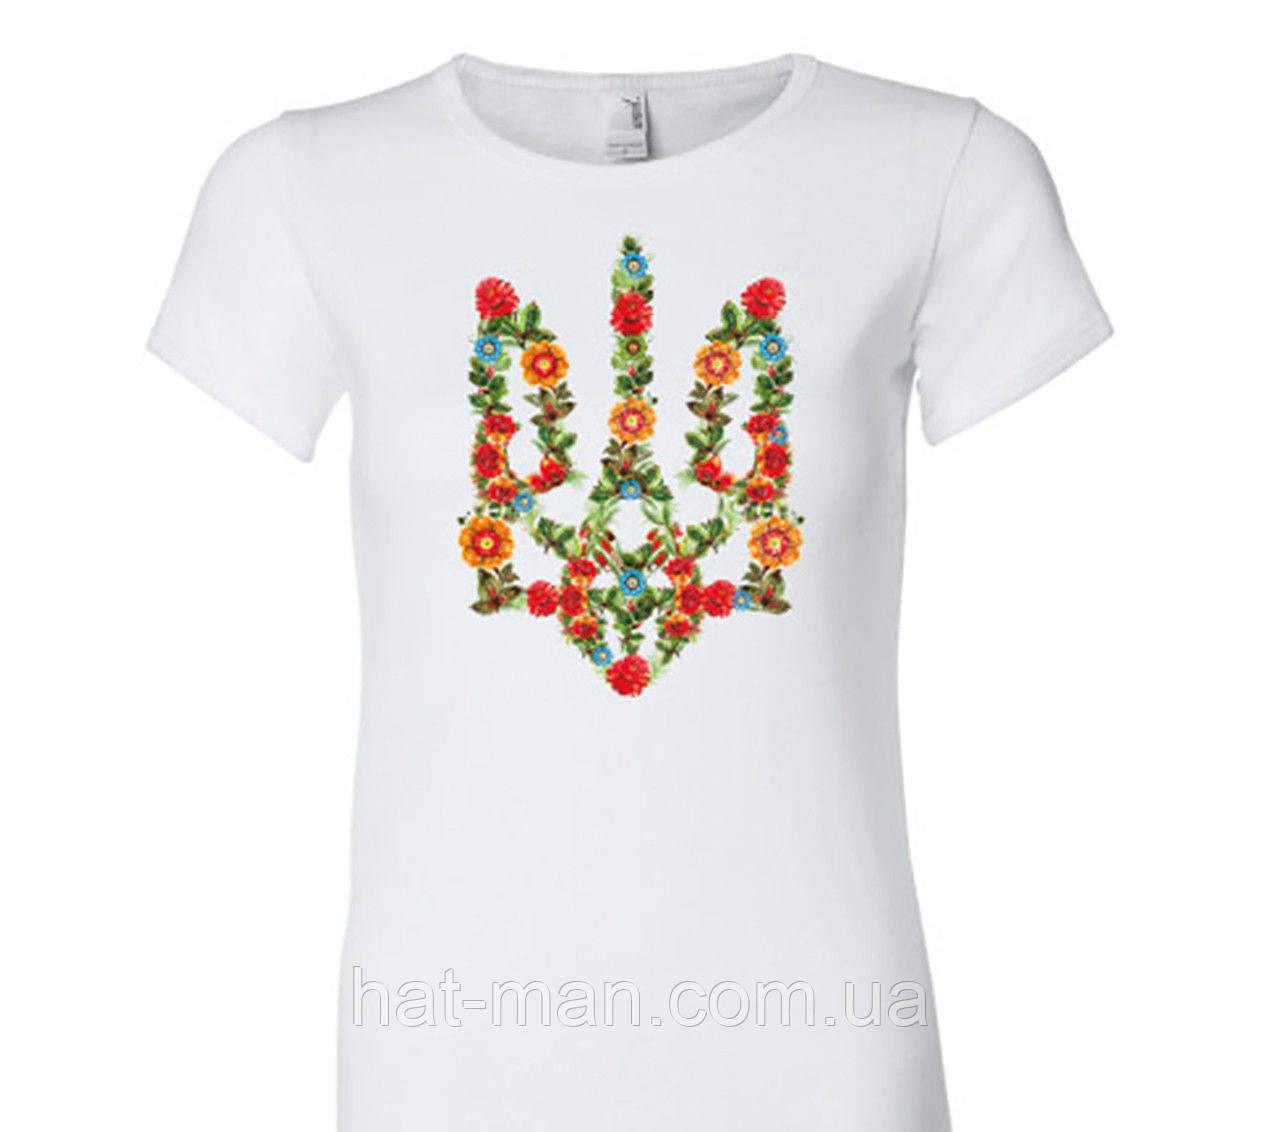 Тризуб квіти, біла